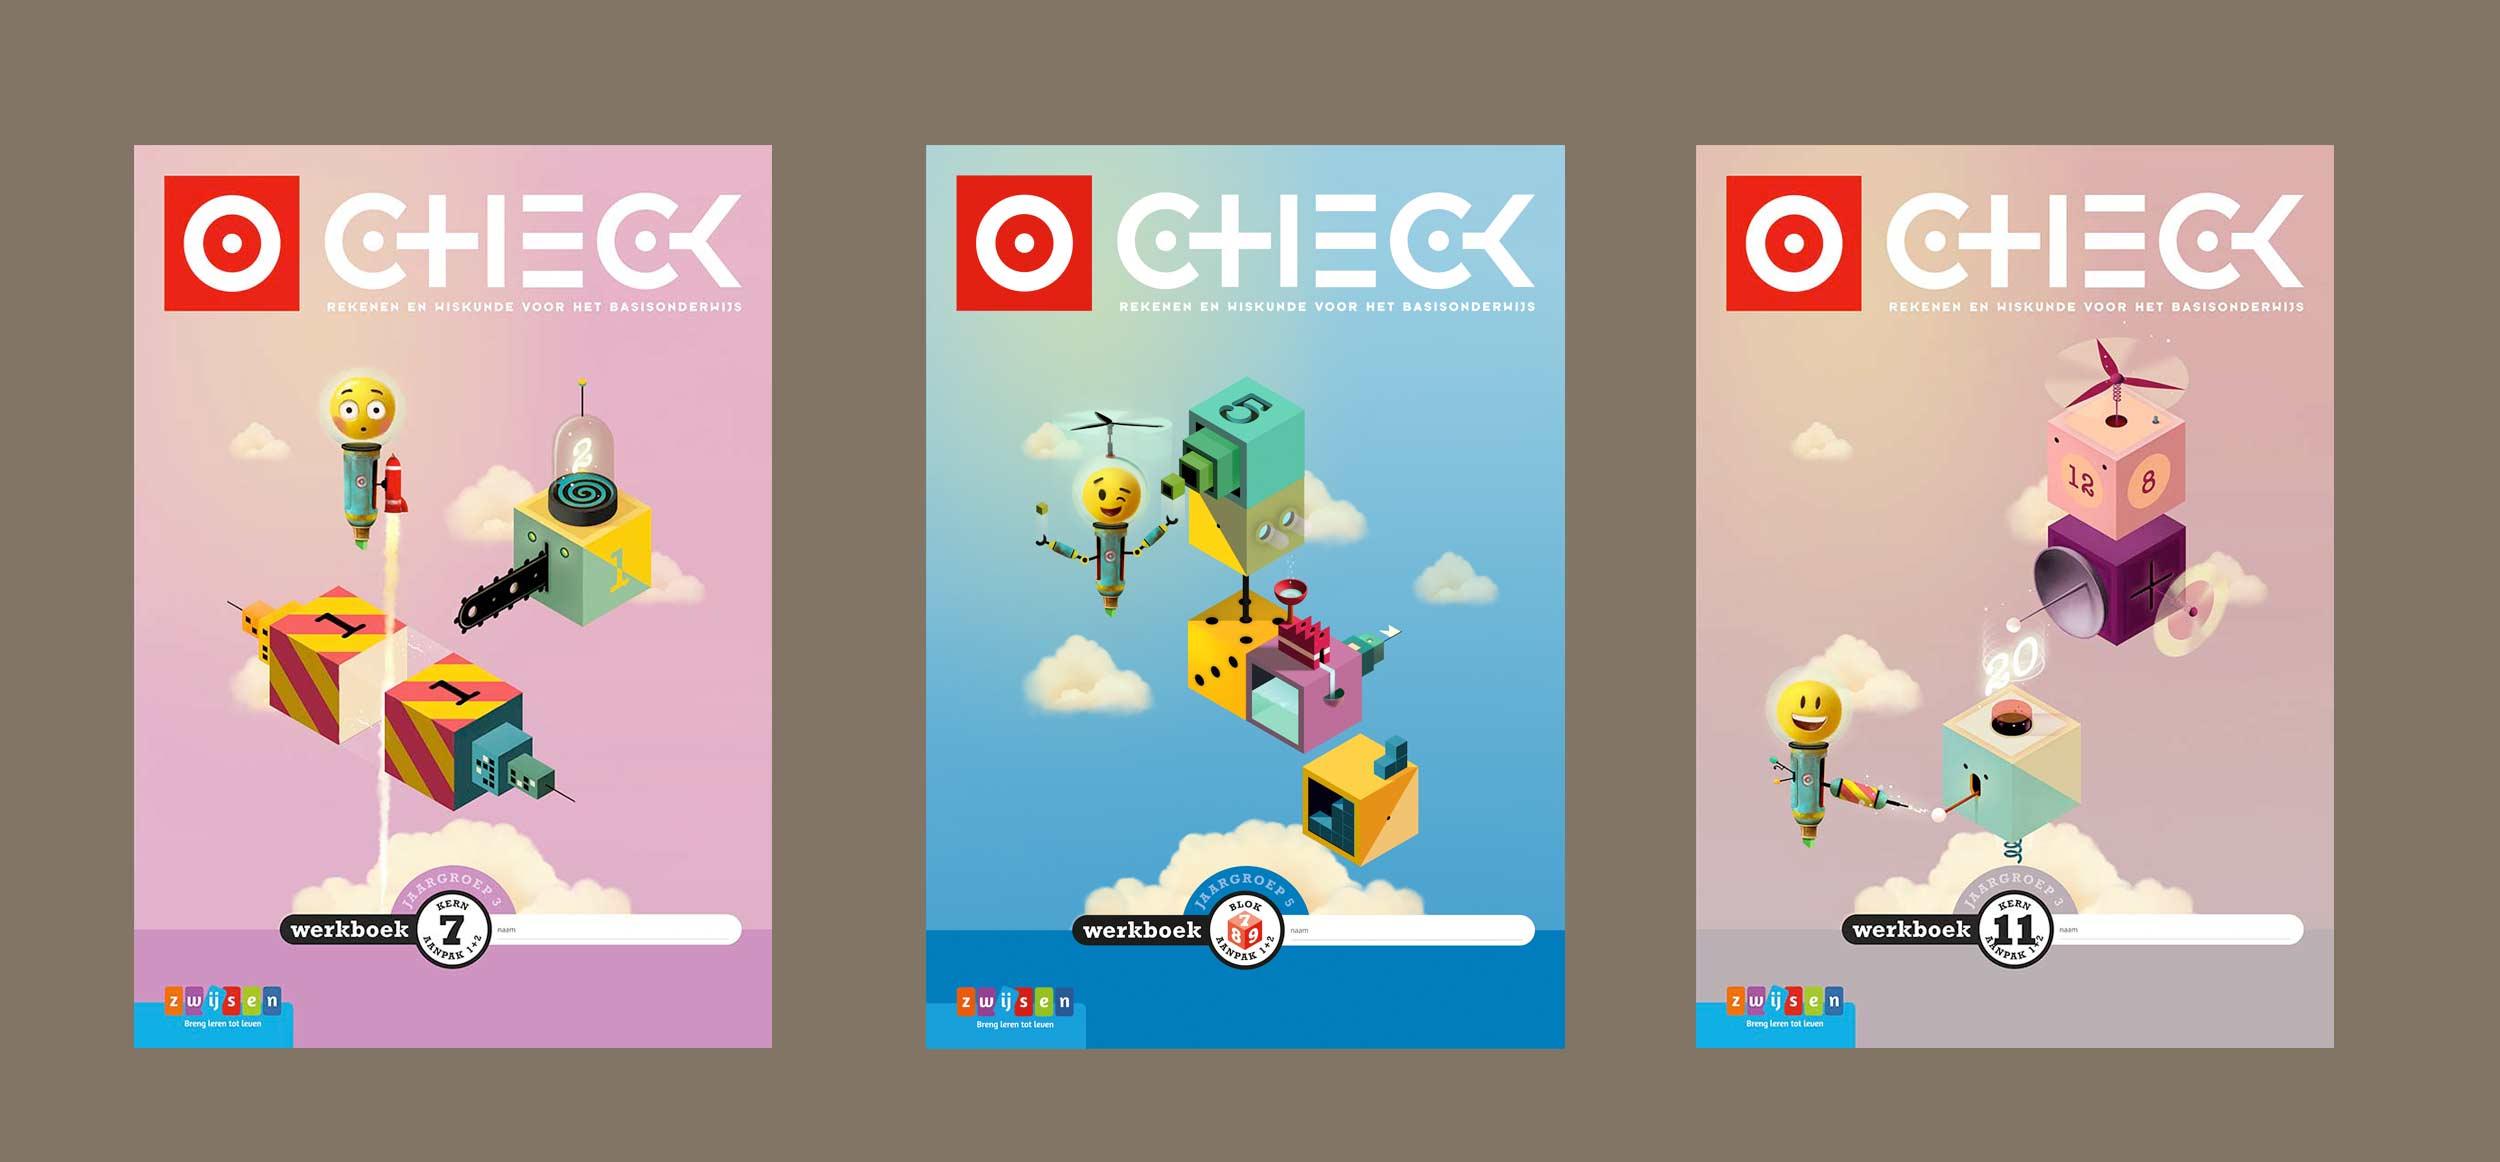 Character en omslagillustraties Check! Uitgeverij Zwijsen | © Studio Monnikenwerk